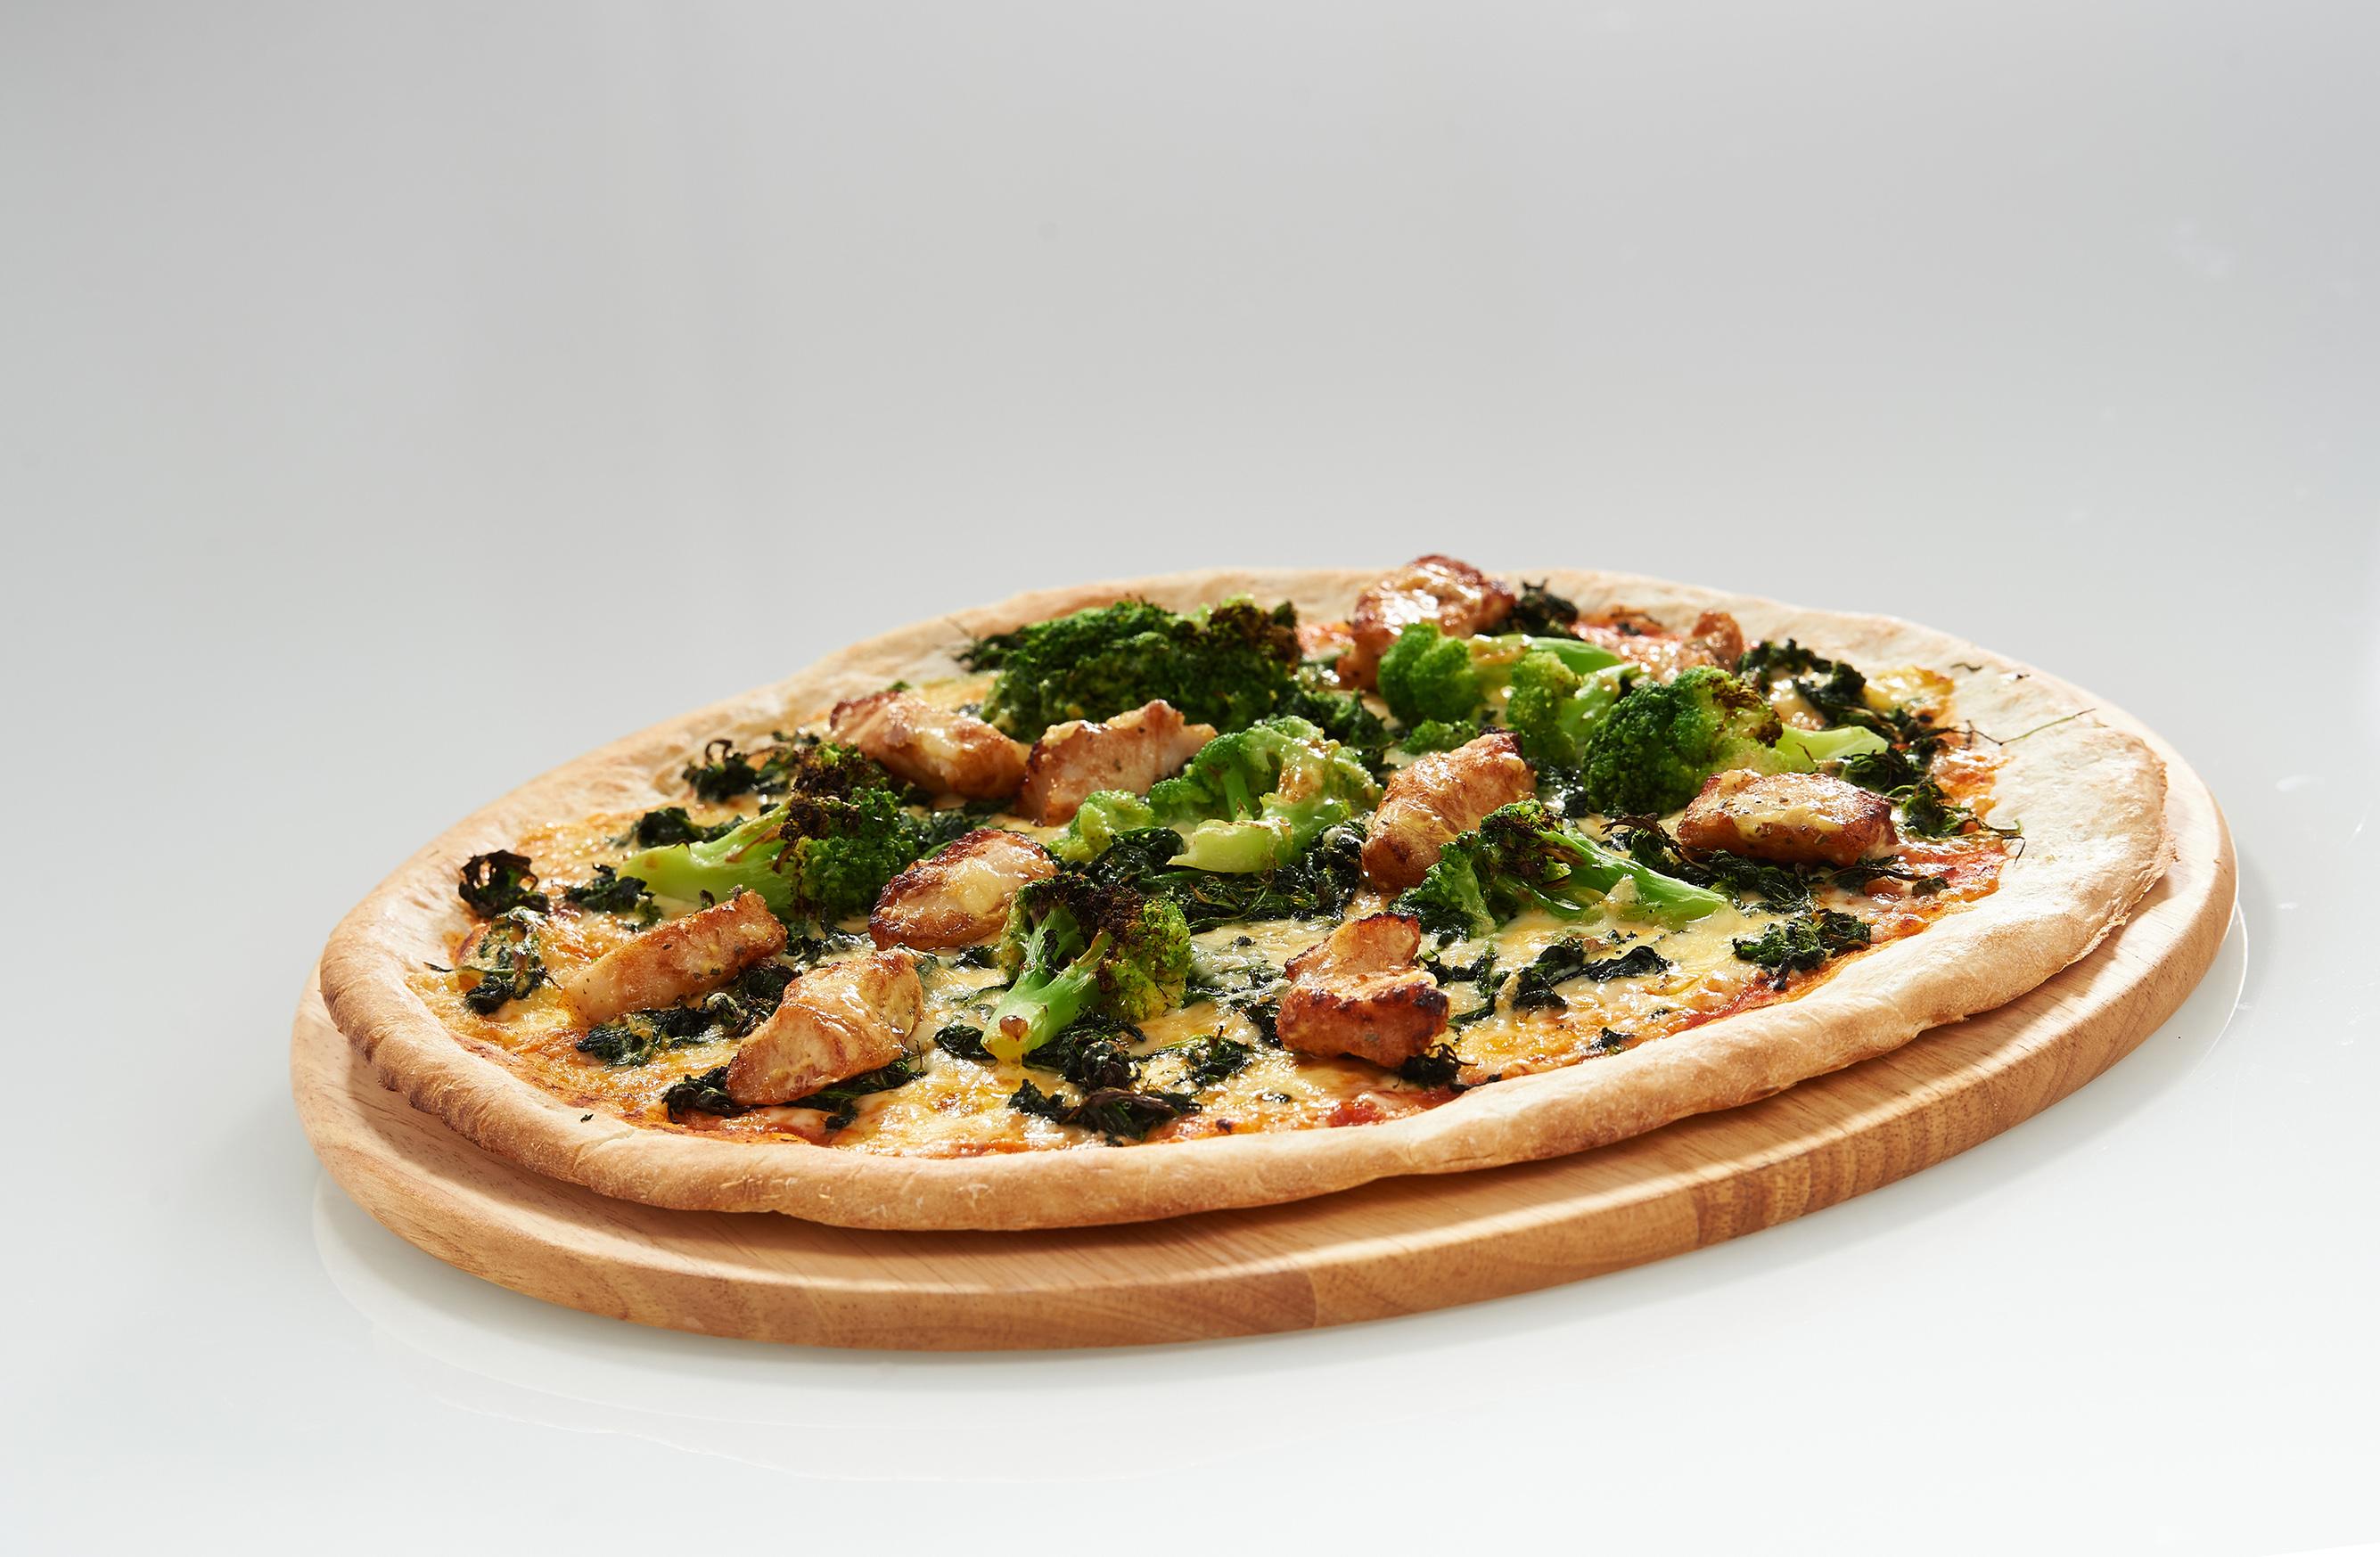 Grill-Werk Pizza April 2017-Lichtgestalt by Schreer 13-2